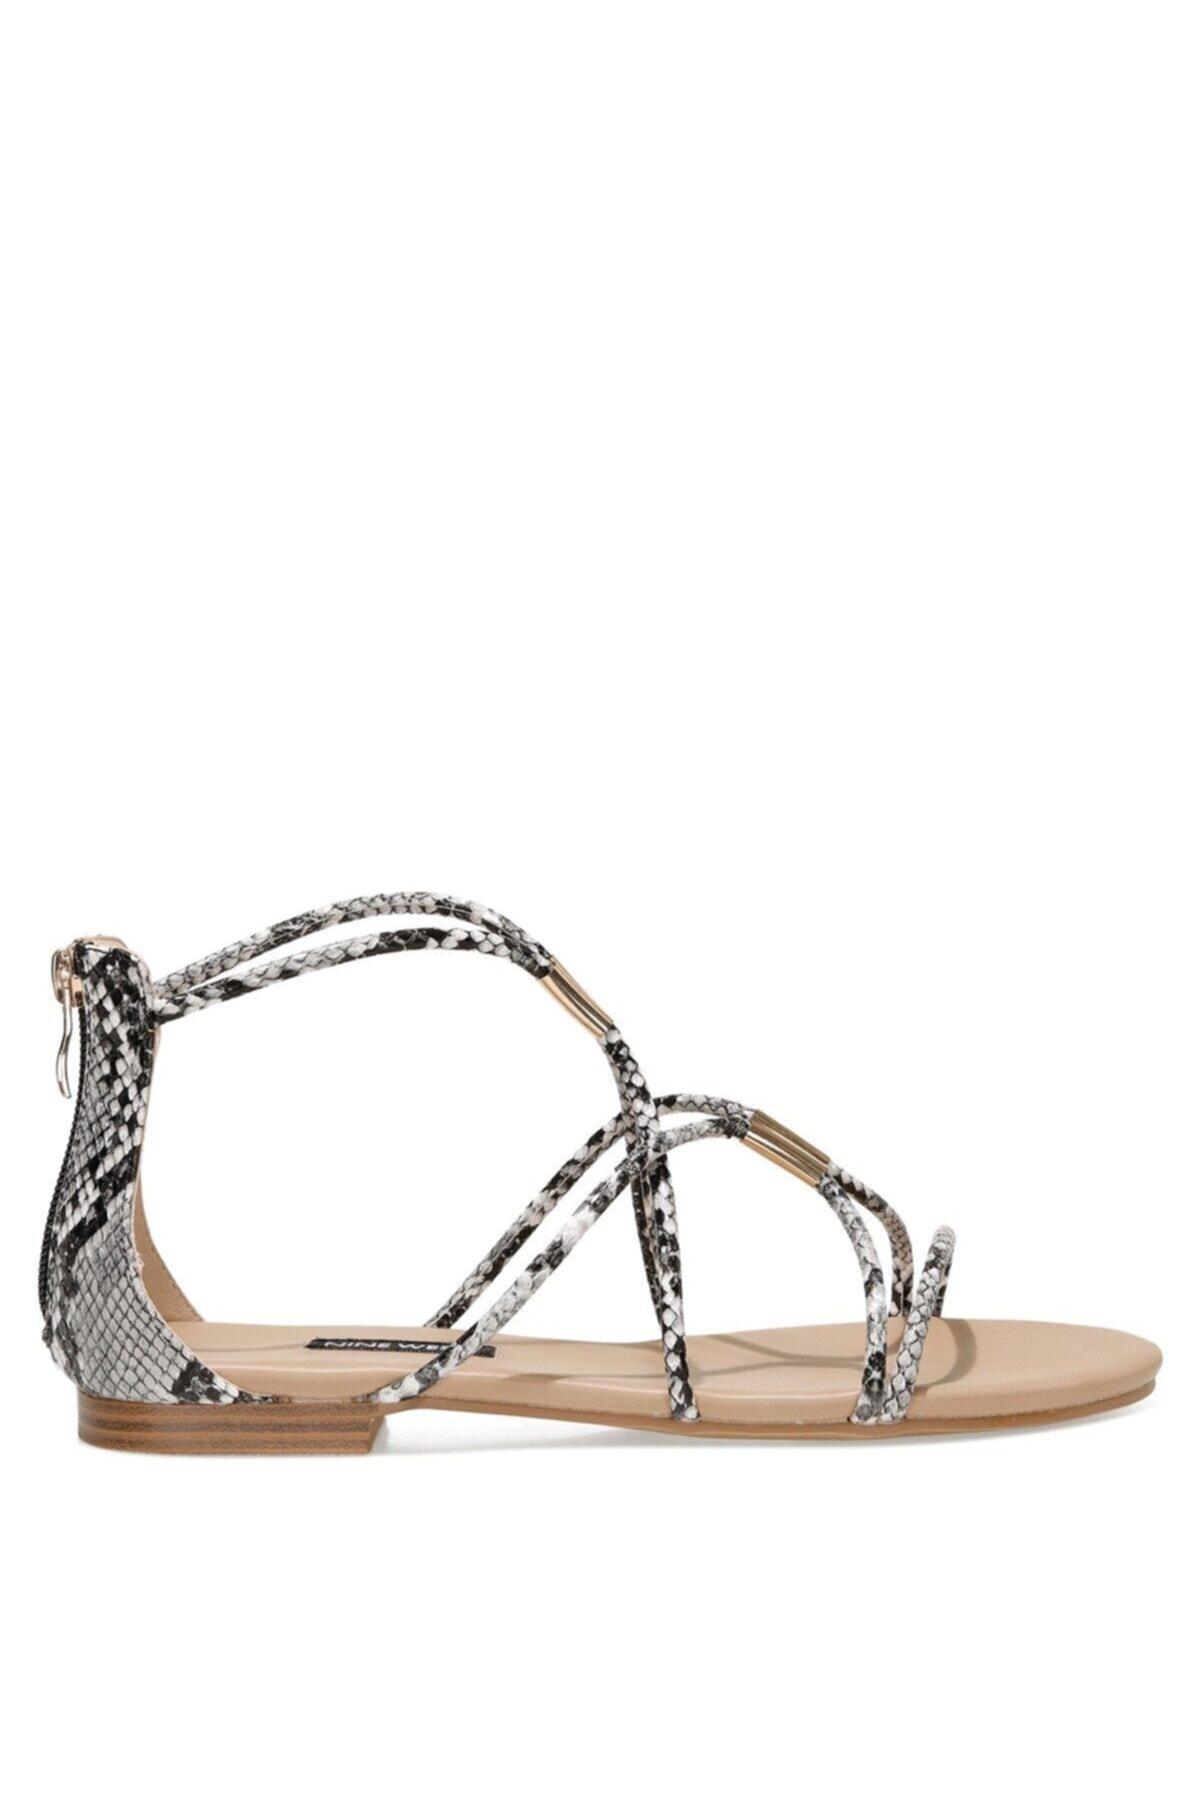 WOINIA 1FX Siyah Kadın Düz Sandalet 101030116